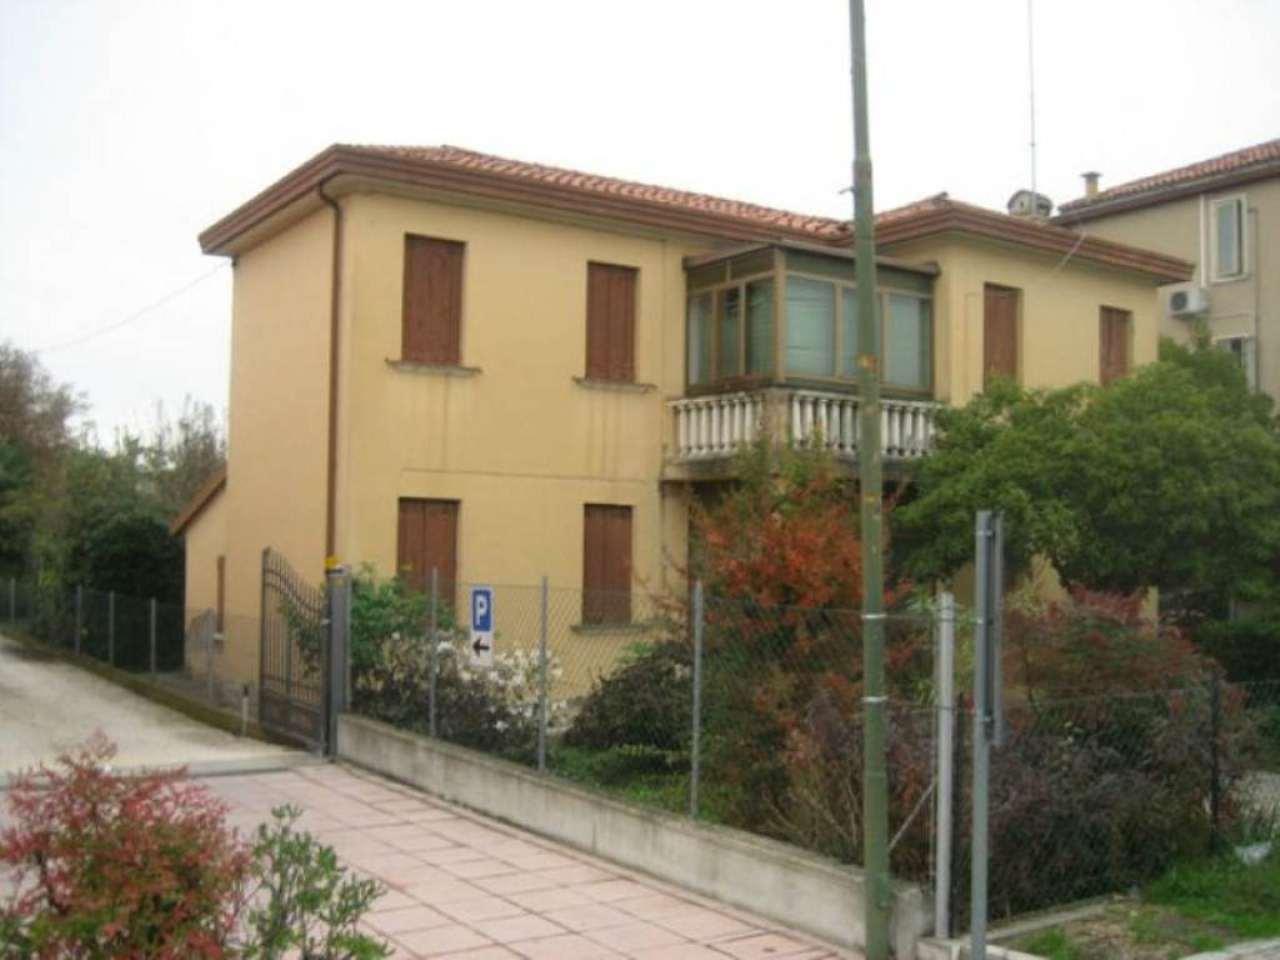 Soluzione Indipendente in vendita a Mira, 6 locali, prezzo € 179.000 | CambioCasa.it